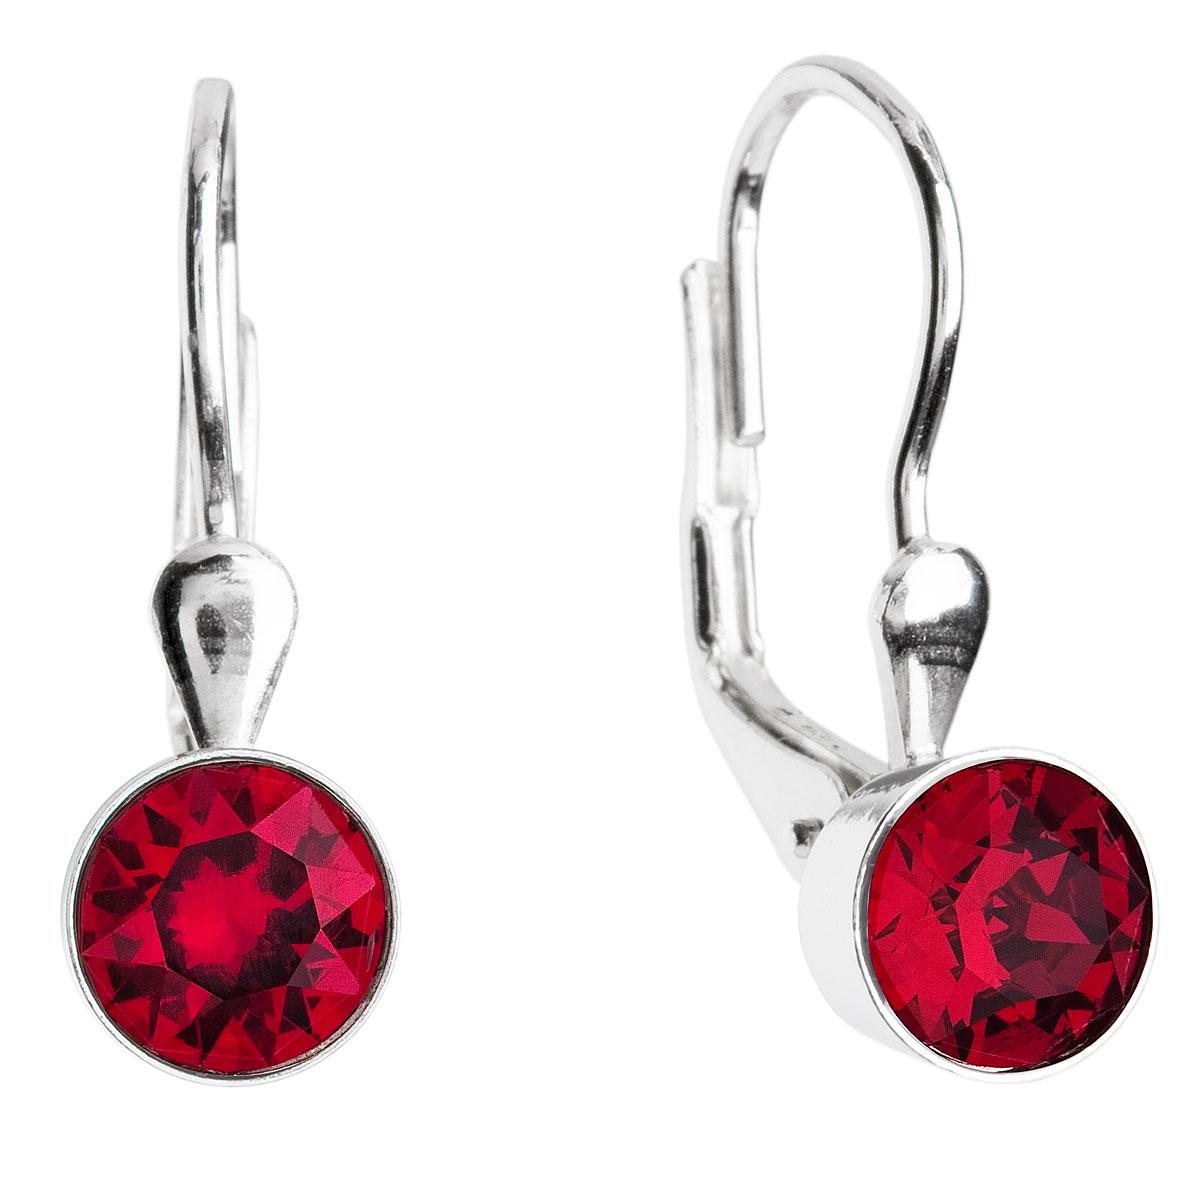 Evolution Group Stříbrné náušnice visací s krystaly červené kulaté 31112.3 ruby